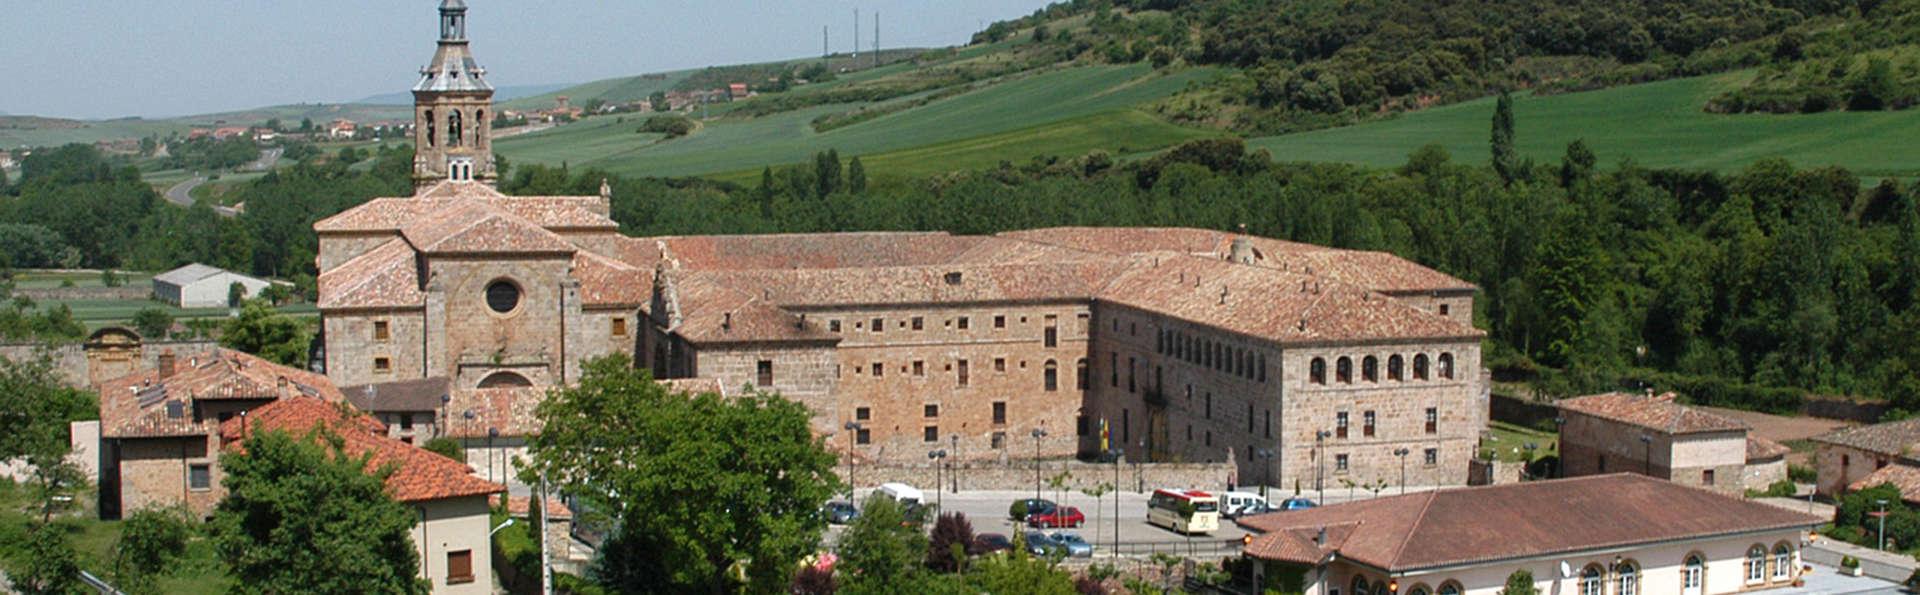 Descubre La Rioja en el Monasterio de Yuso con visita a bodega